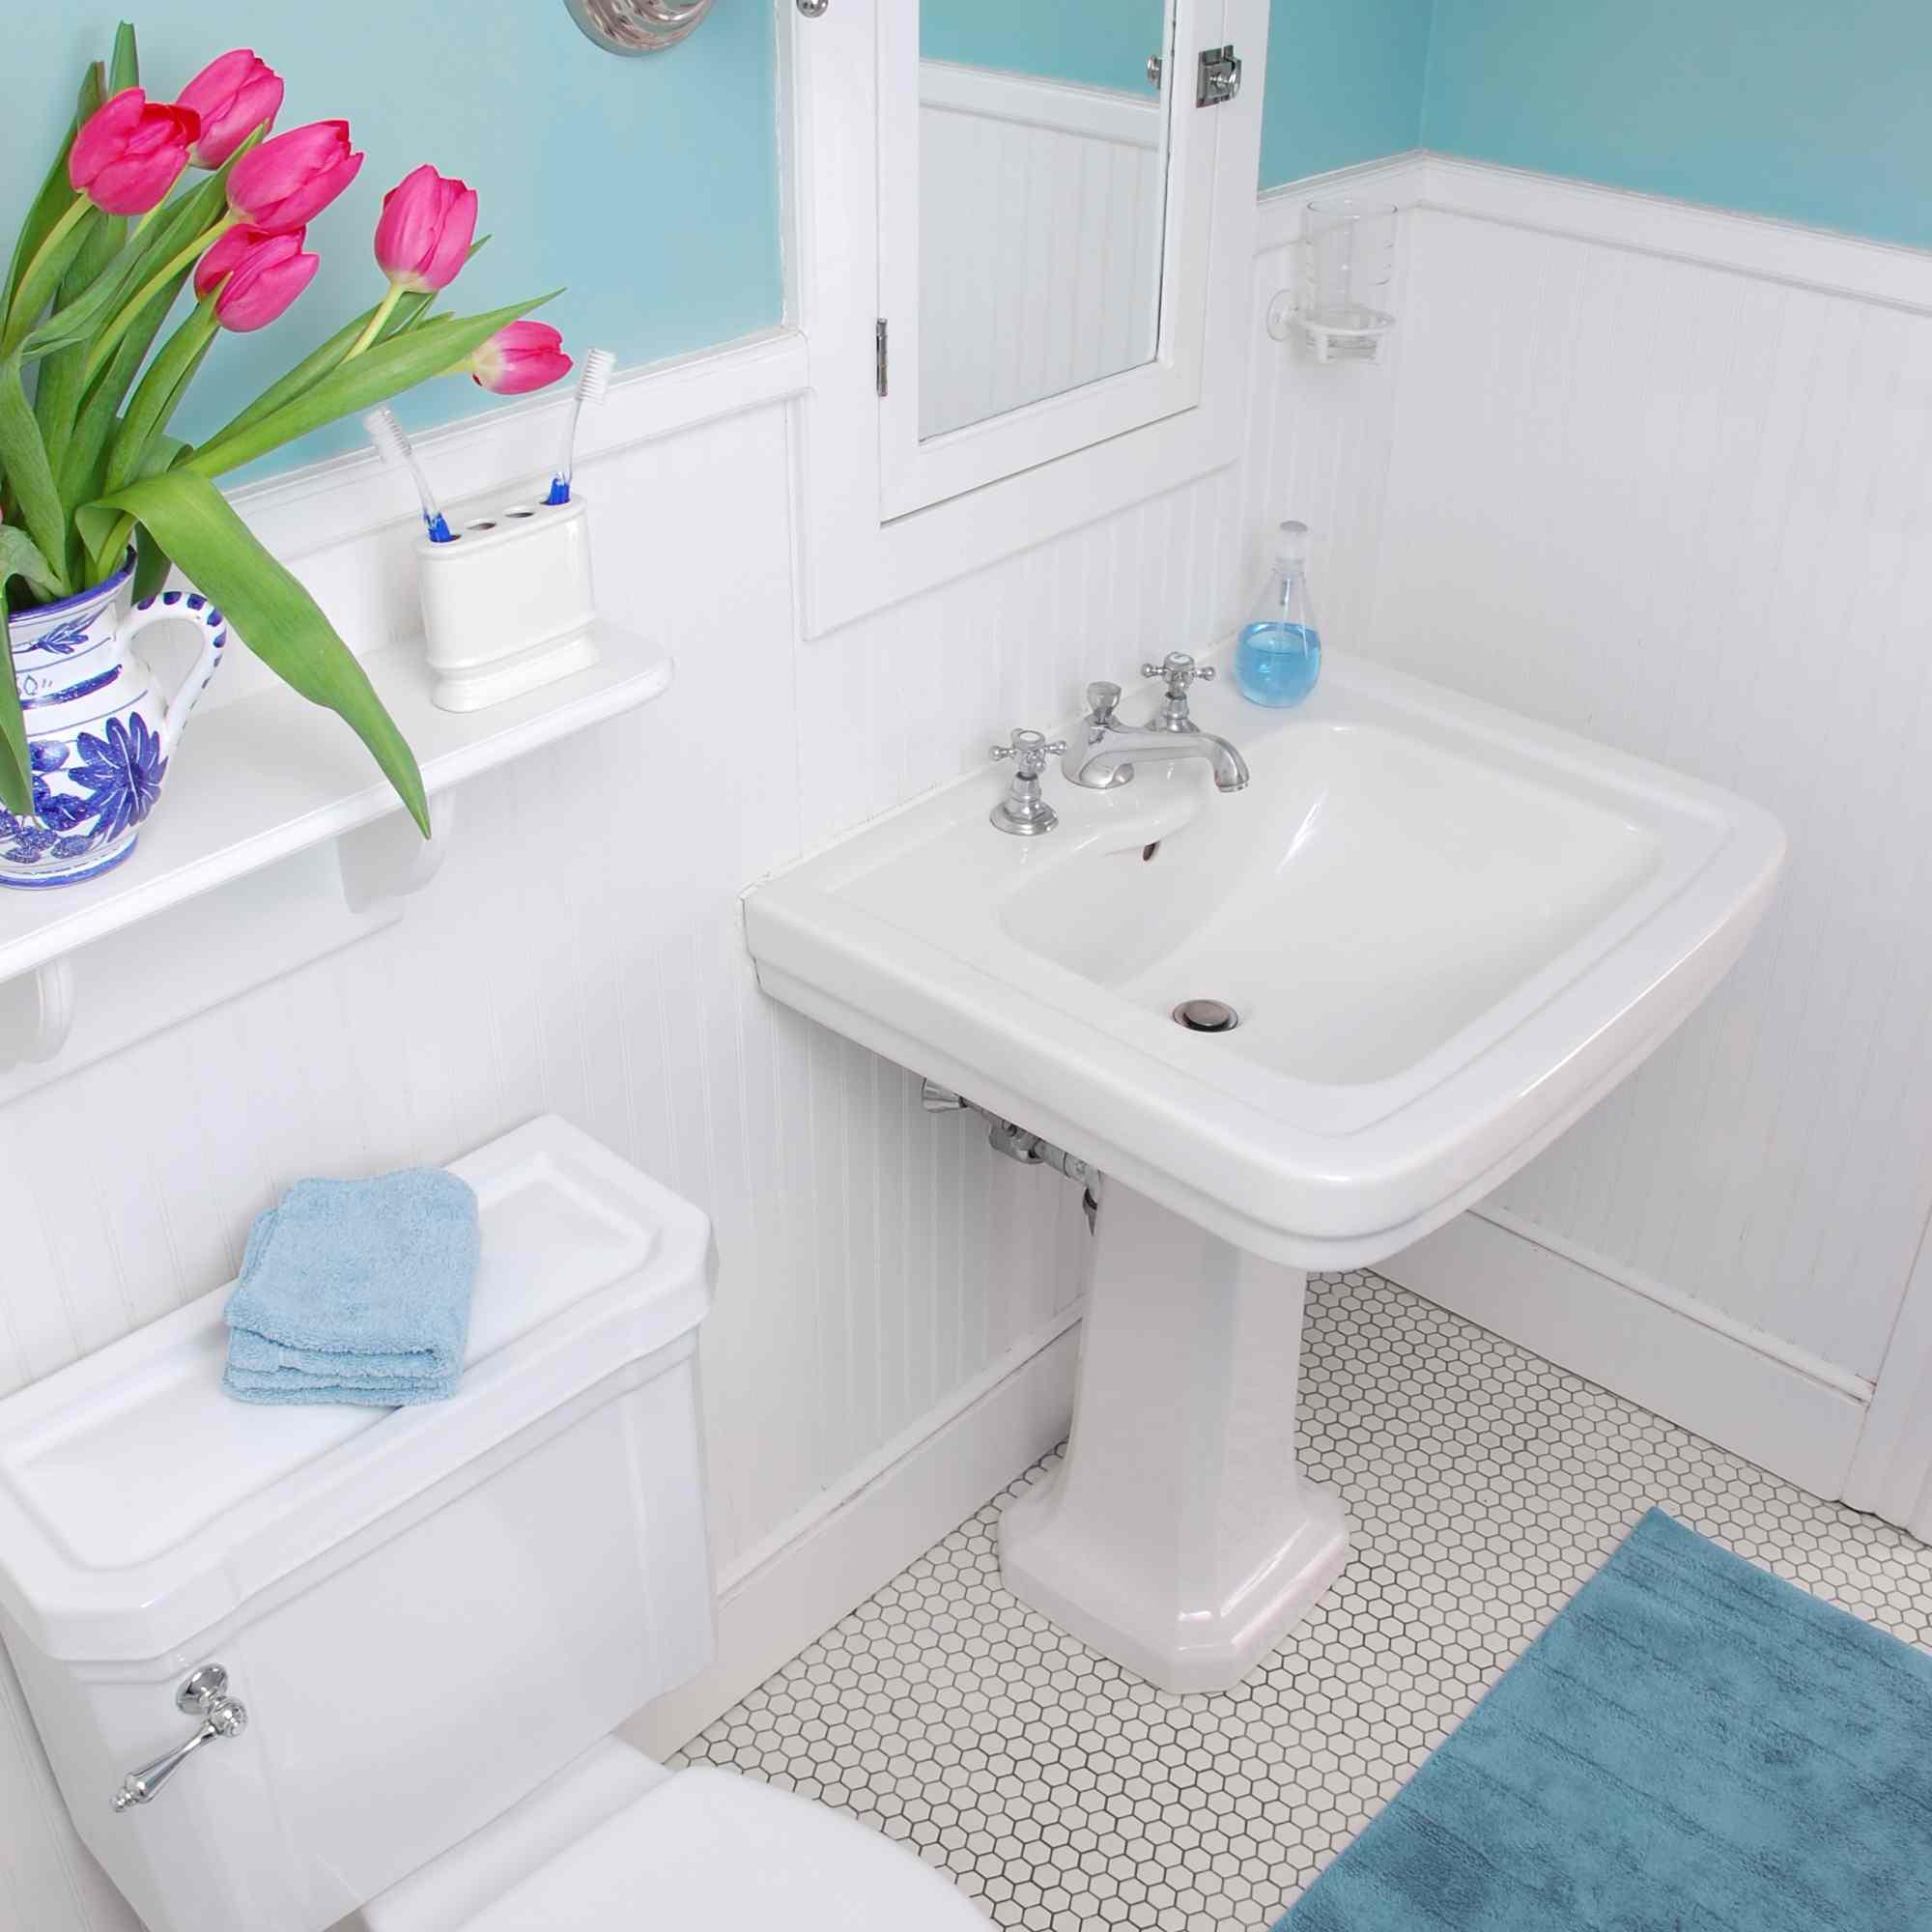 Baño con detalles en color